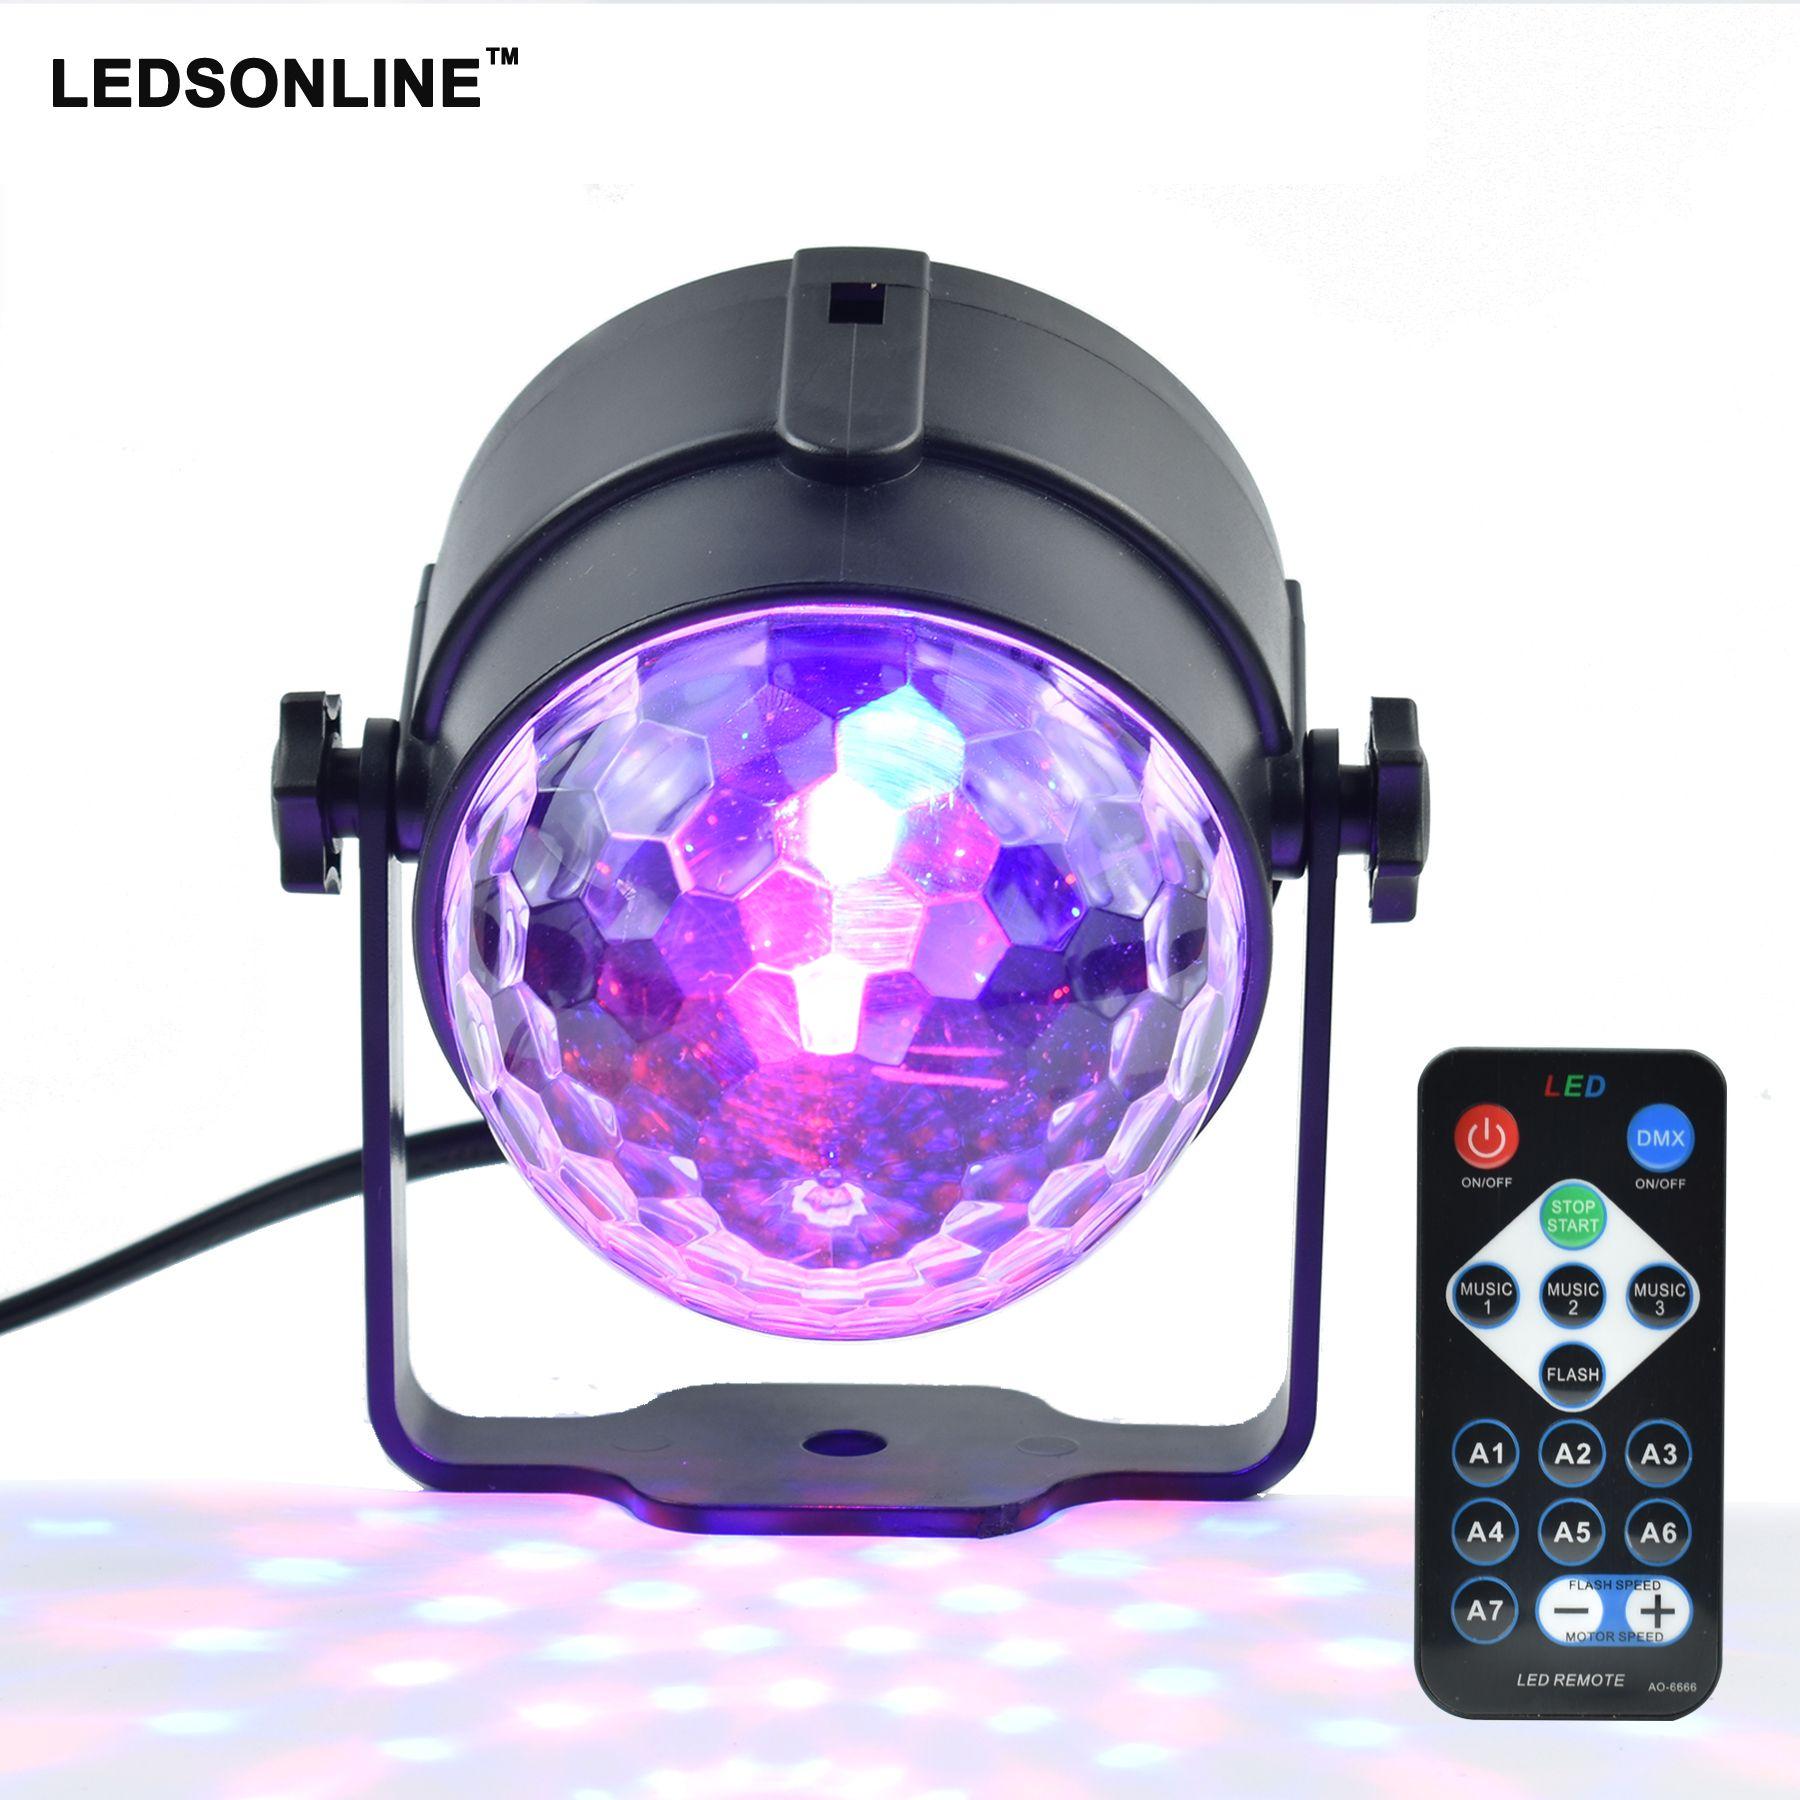 Mini RGB 3 W Bola Mágica de Cristal Llevó la Lámpara de La Etapa de DJ KTV Luz Laser del disco Del Partido Proyector de Sonido Luces de Navidad de Control Remoto IR